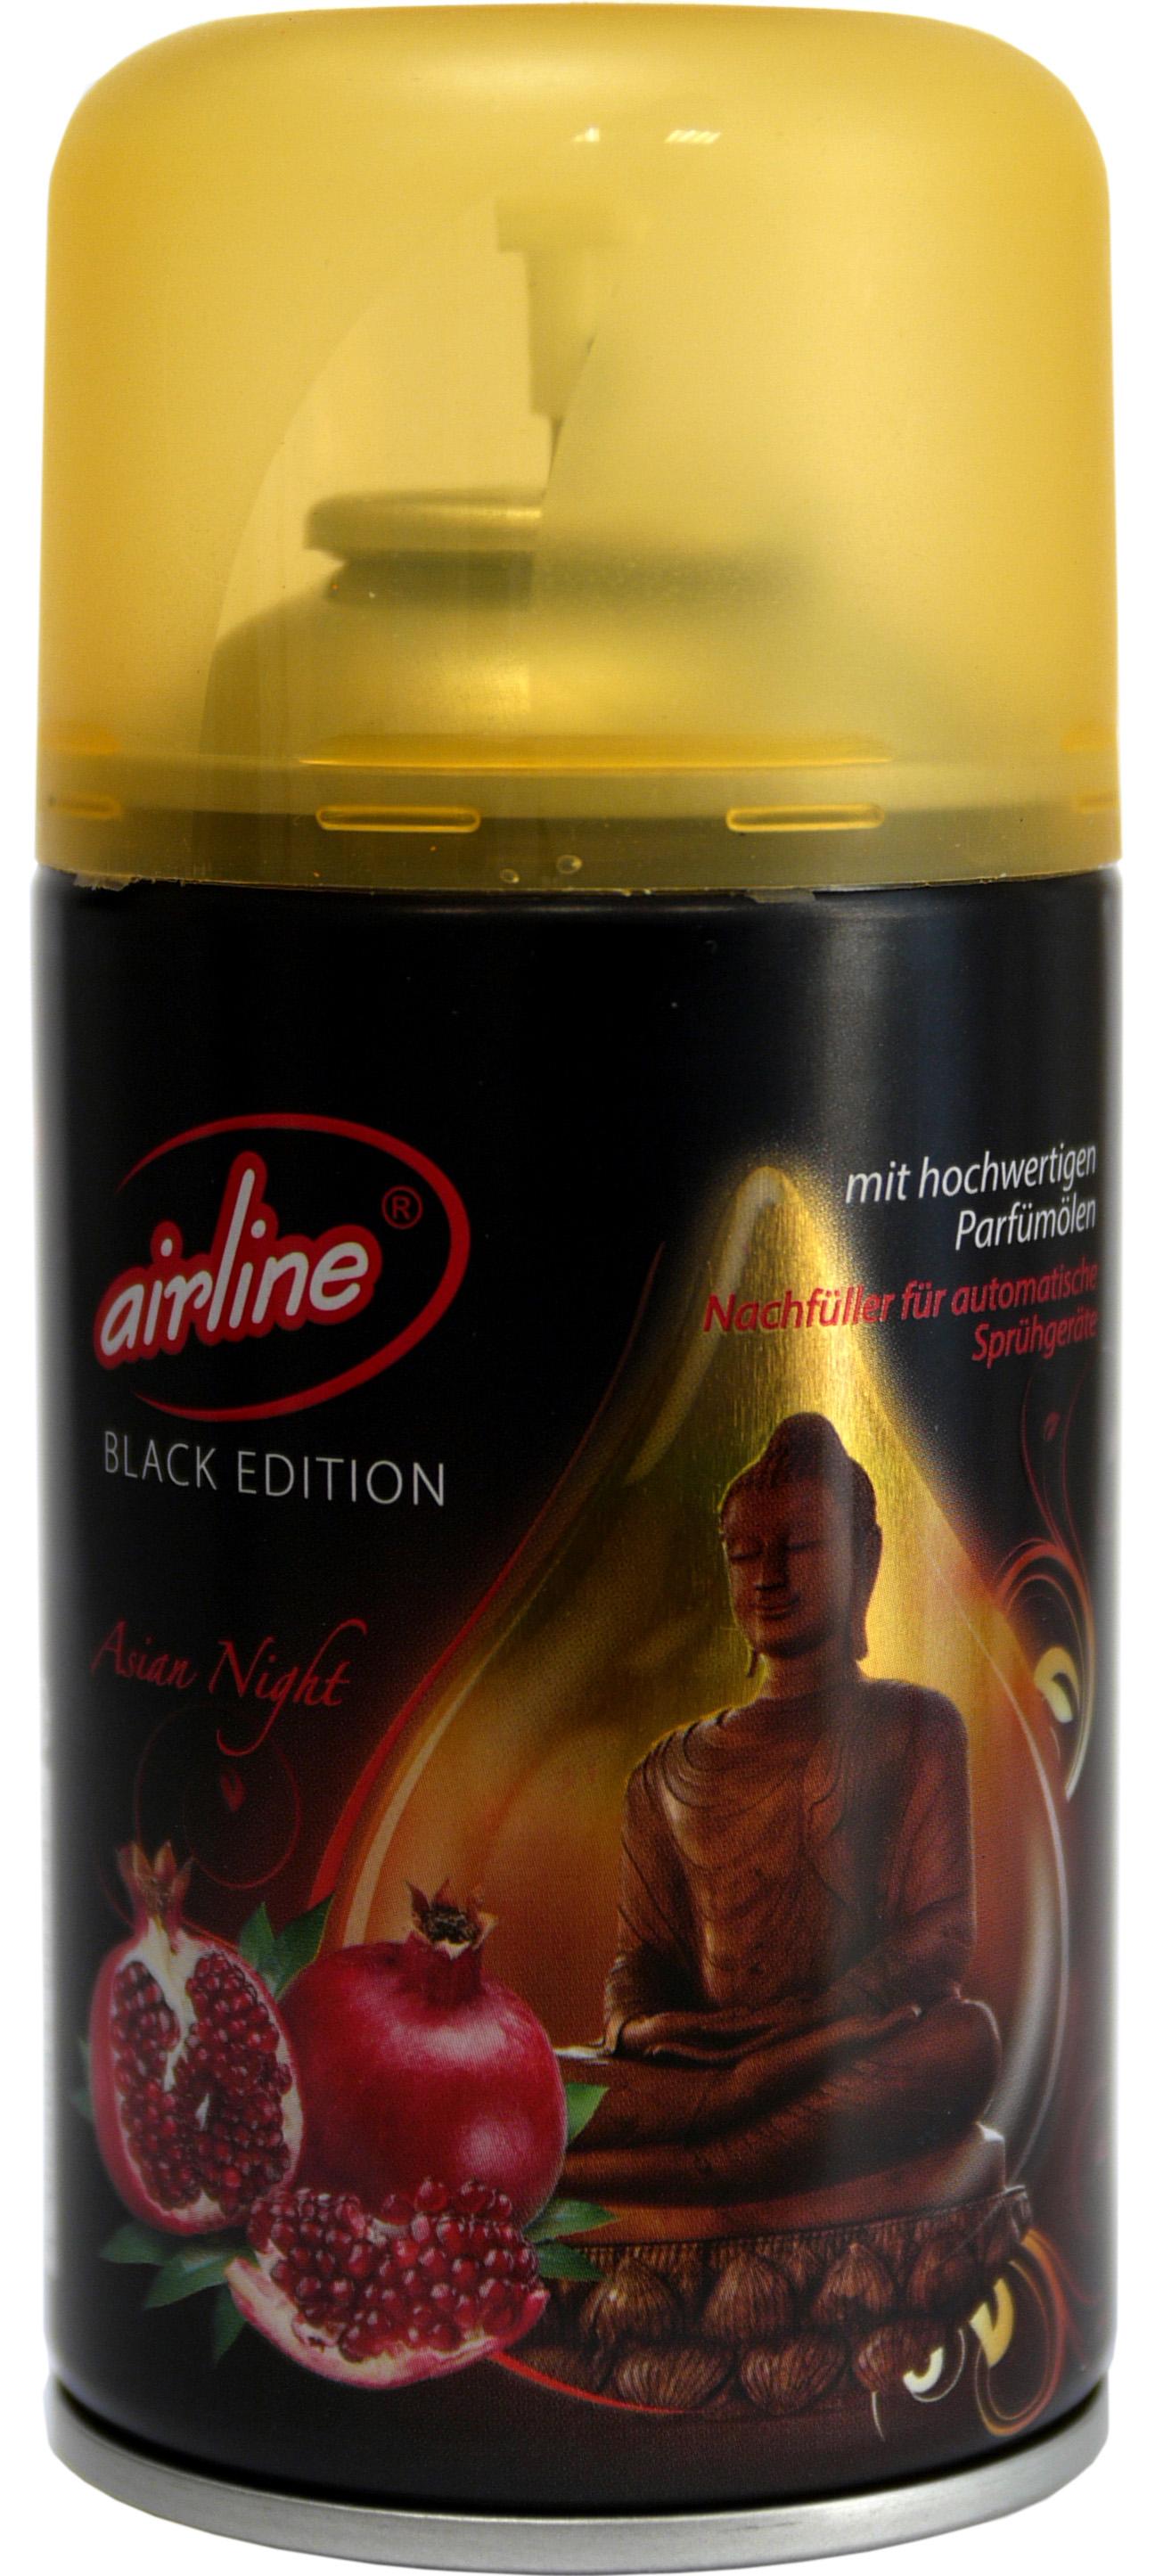 00538 - airline Black Edition Asian Night Nachfüllkartusche 250 ml